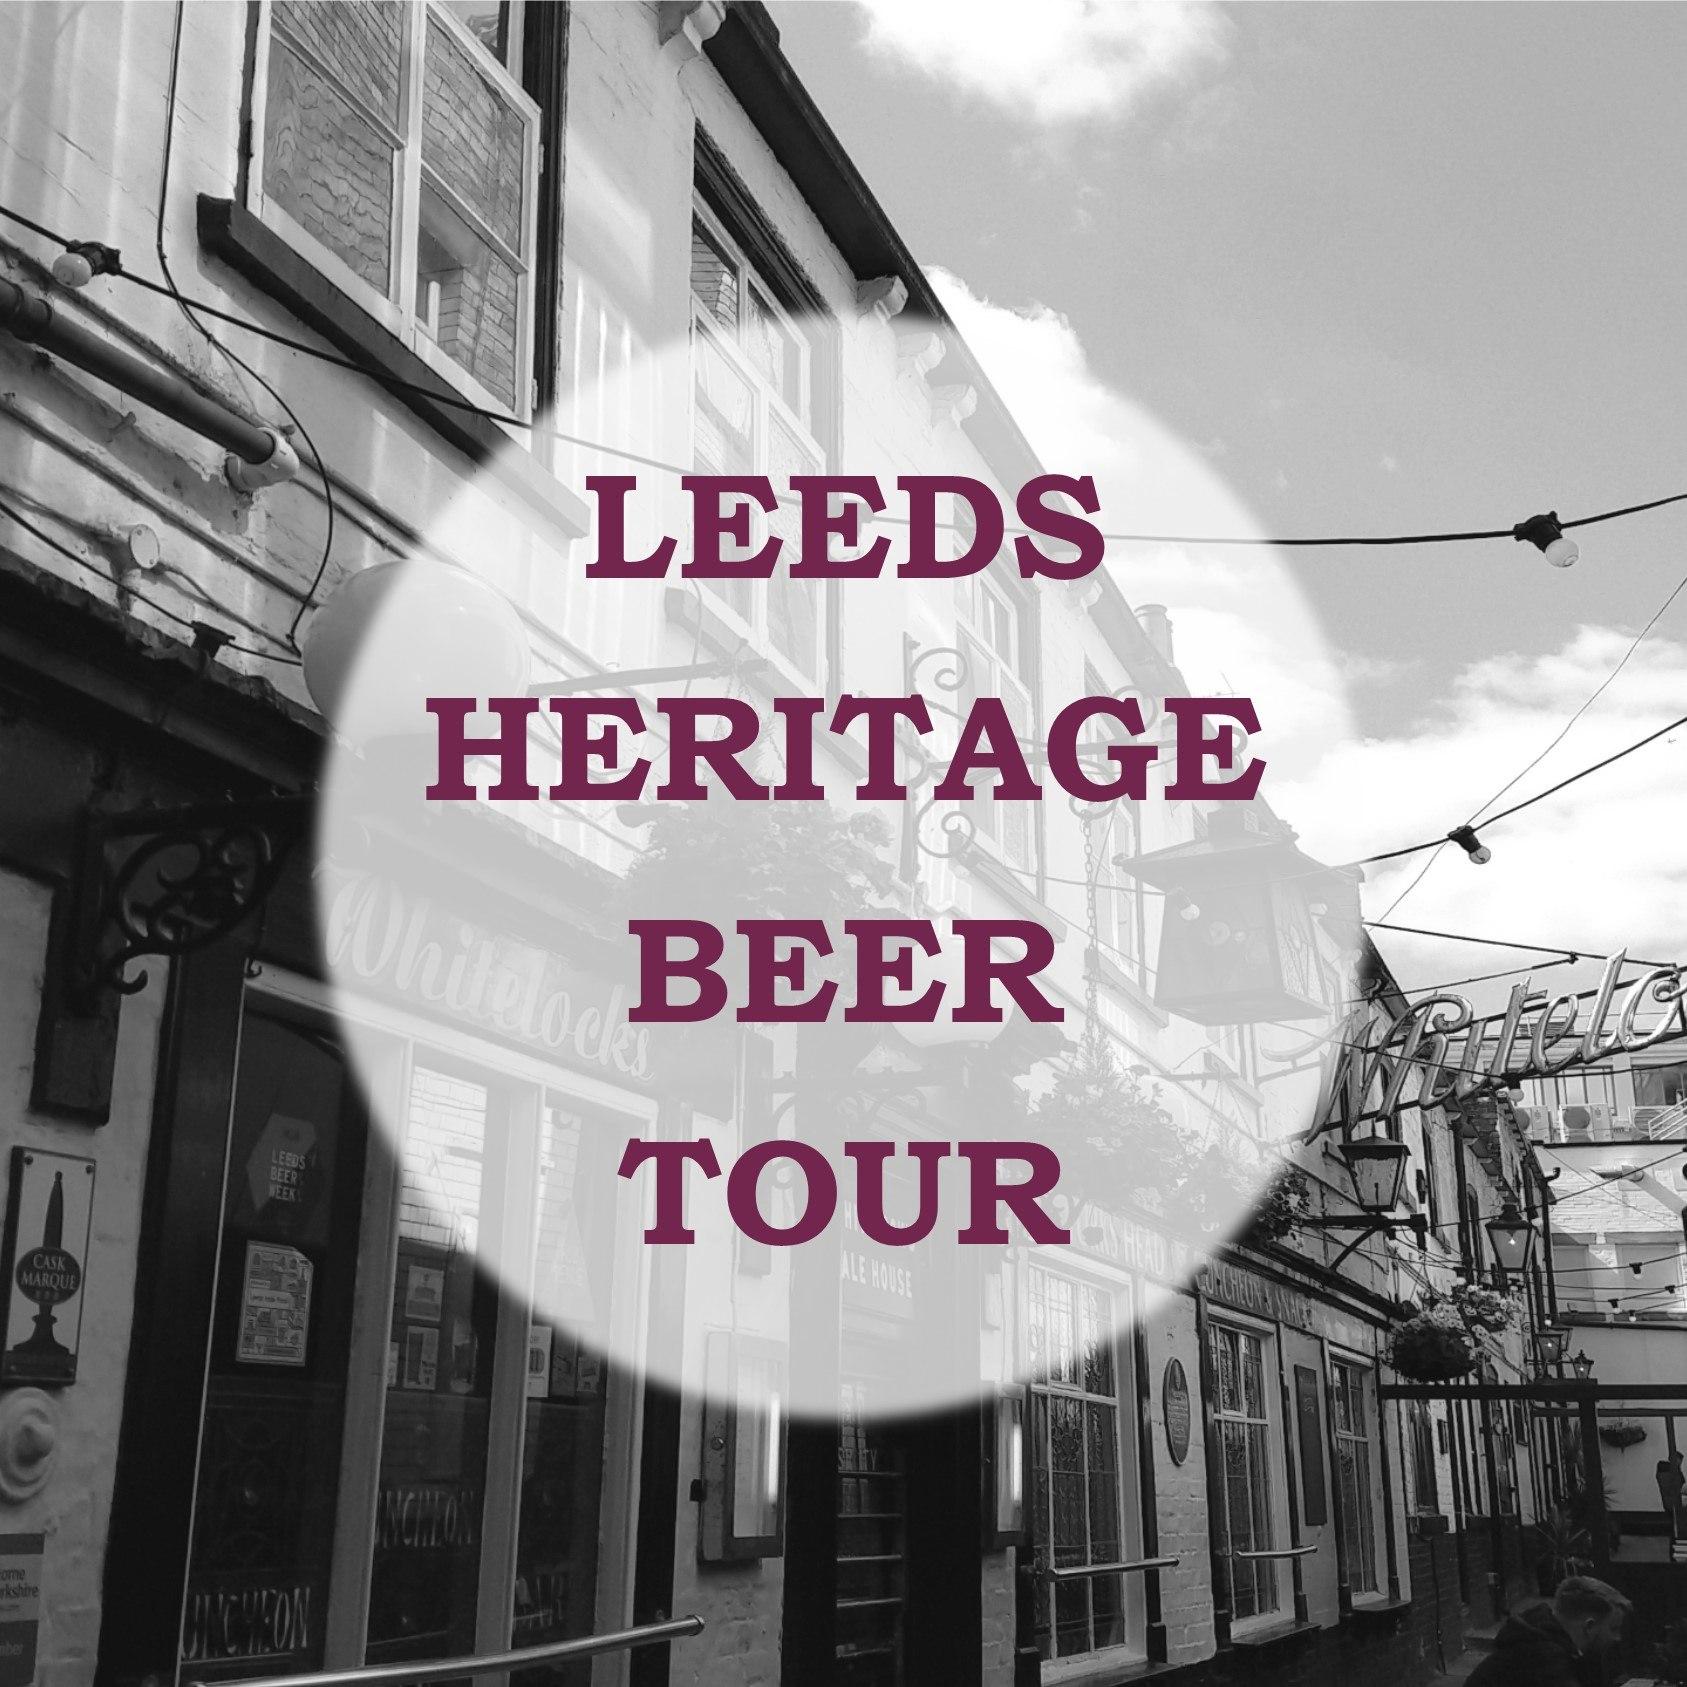 Leeds Beer Tours